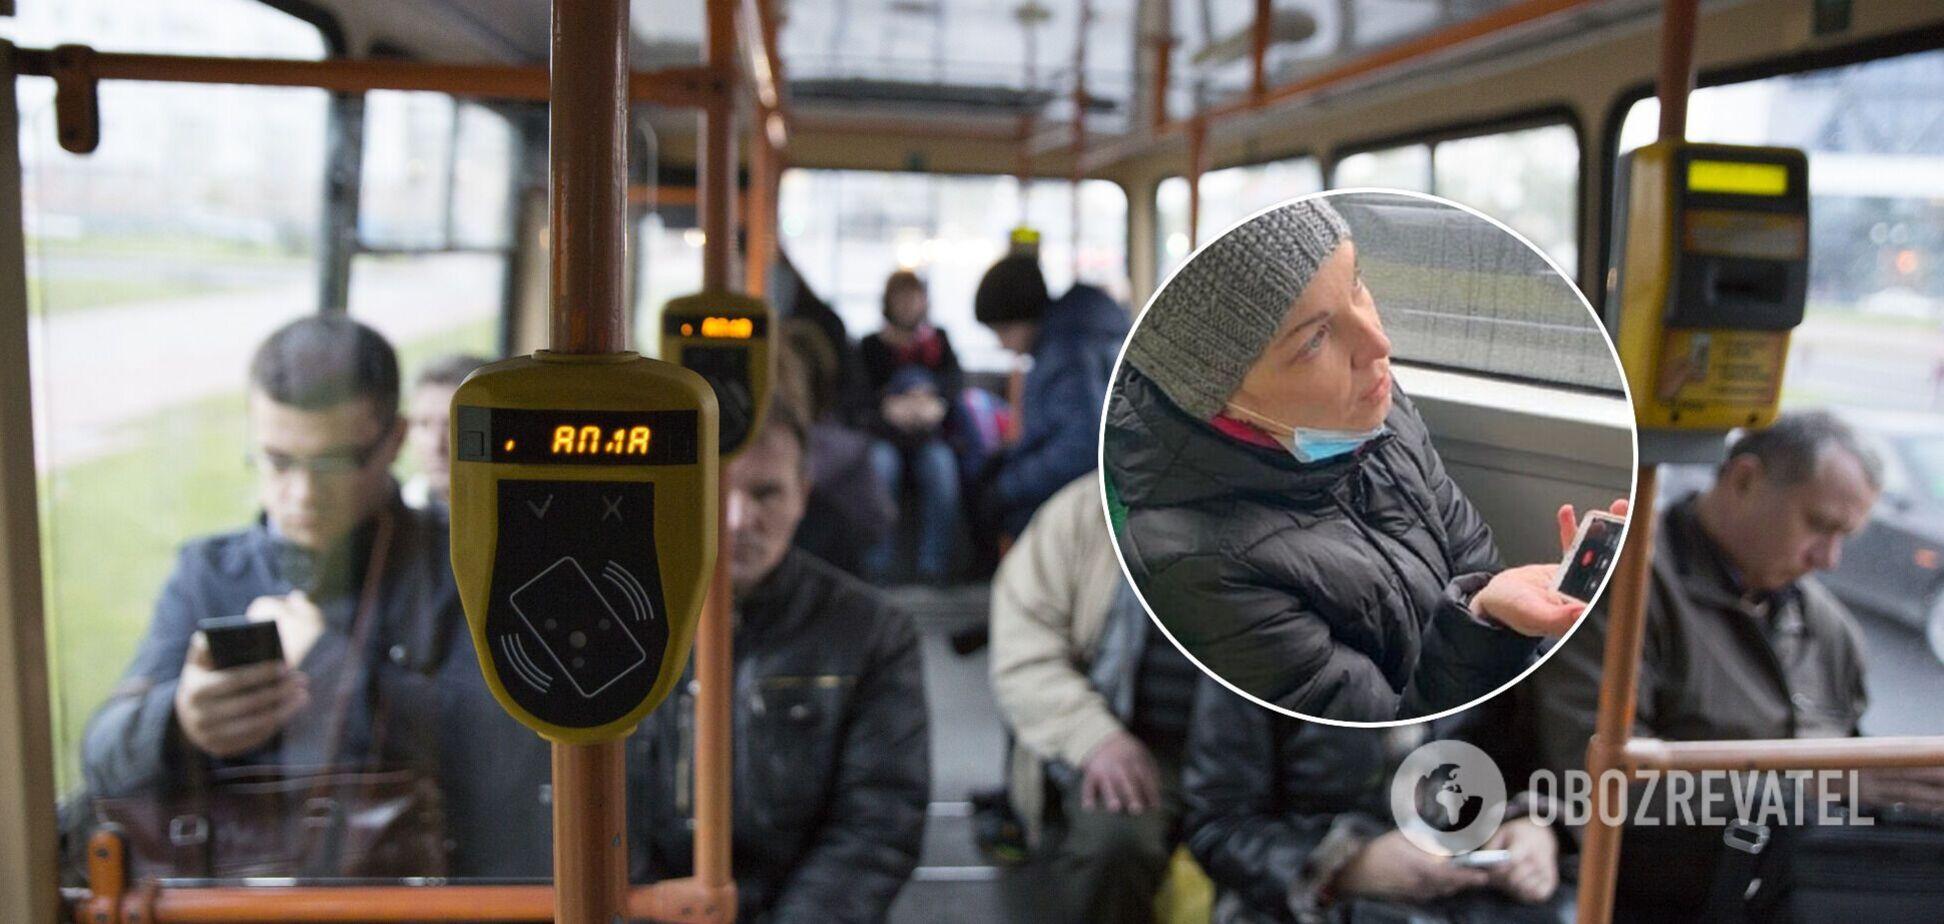 У Львові депутатку оштрафували за безквитковий проїзд у тролейбусі: вона розповіла свою версію. Відео